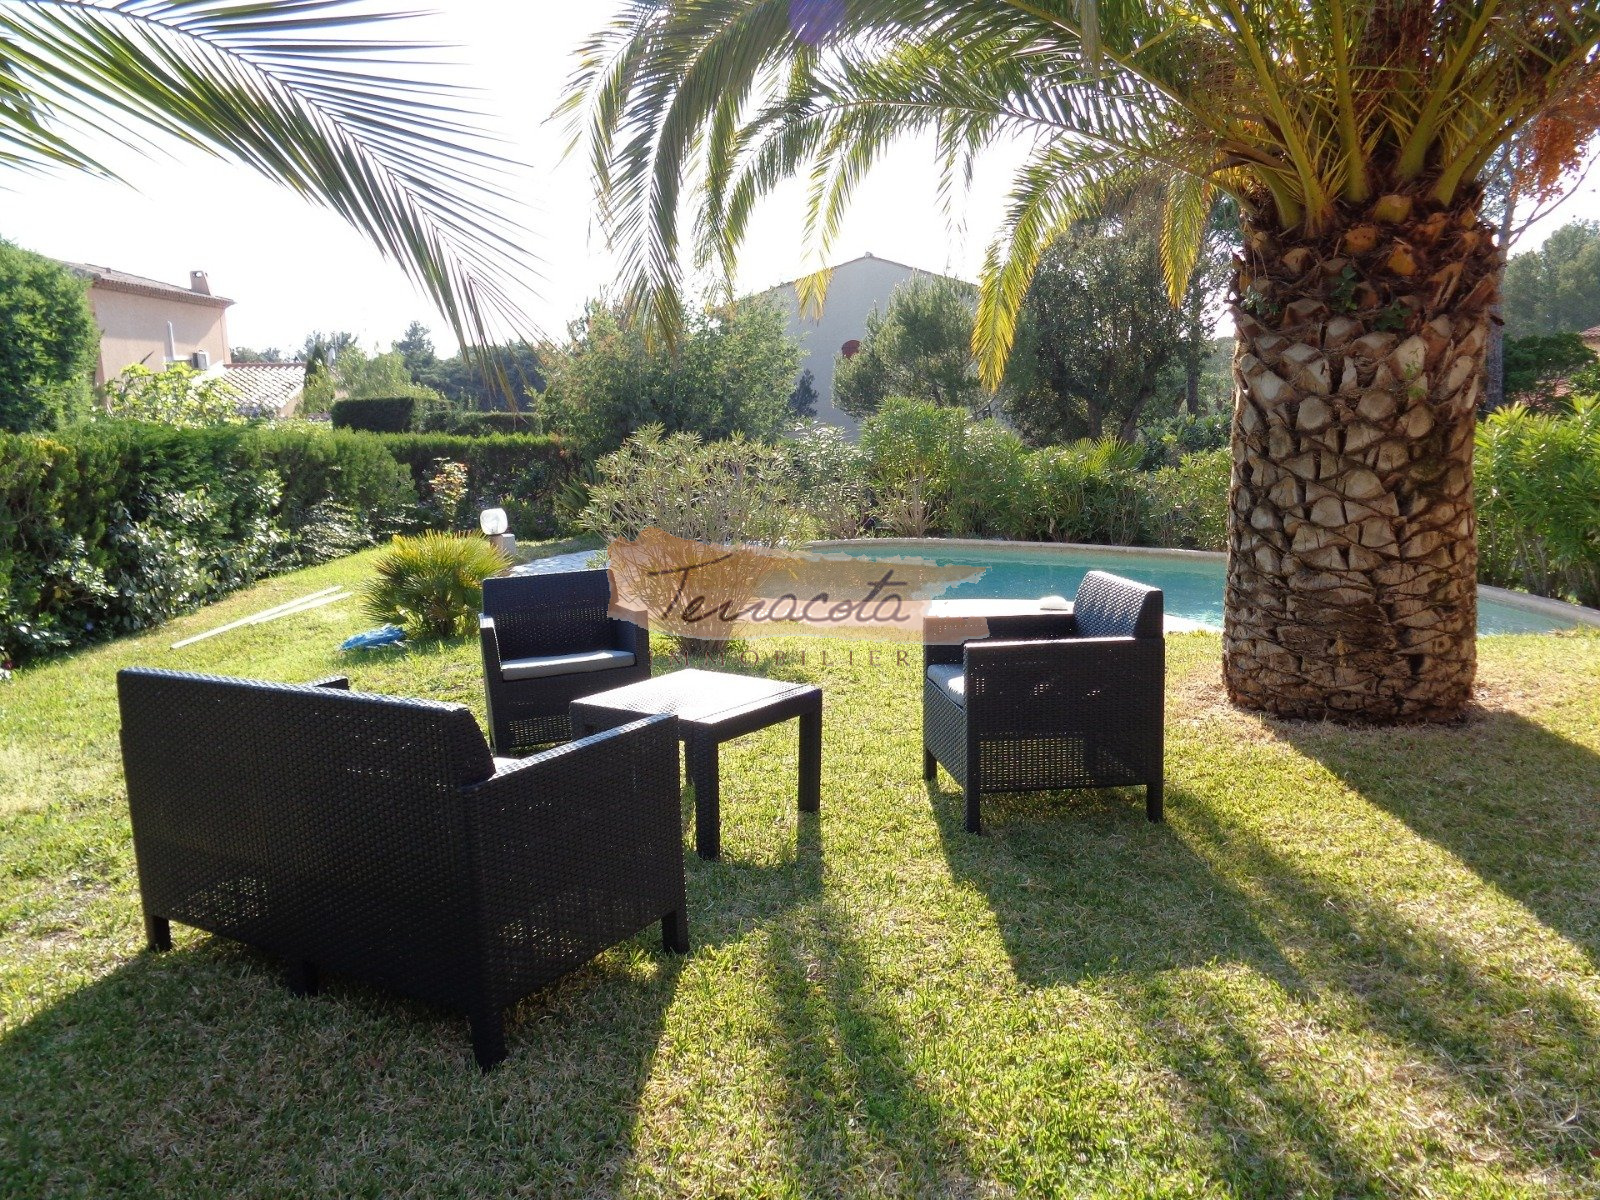 salon de jardin donnant sur la piscine